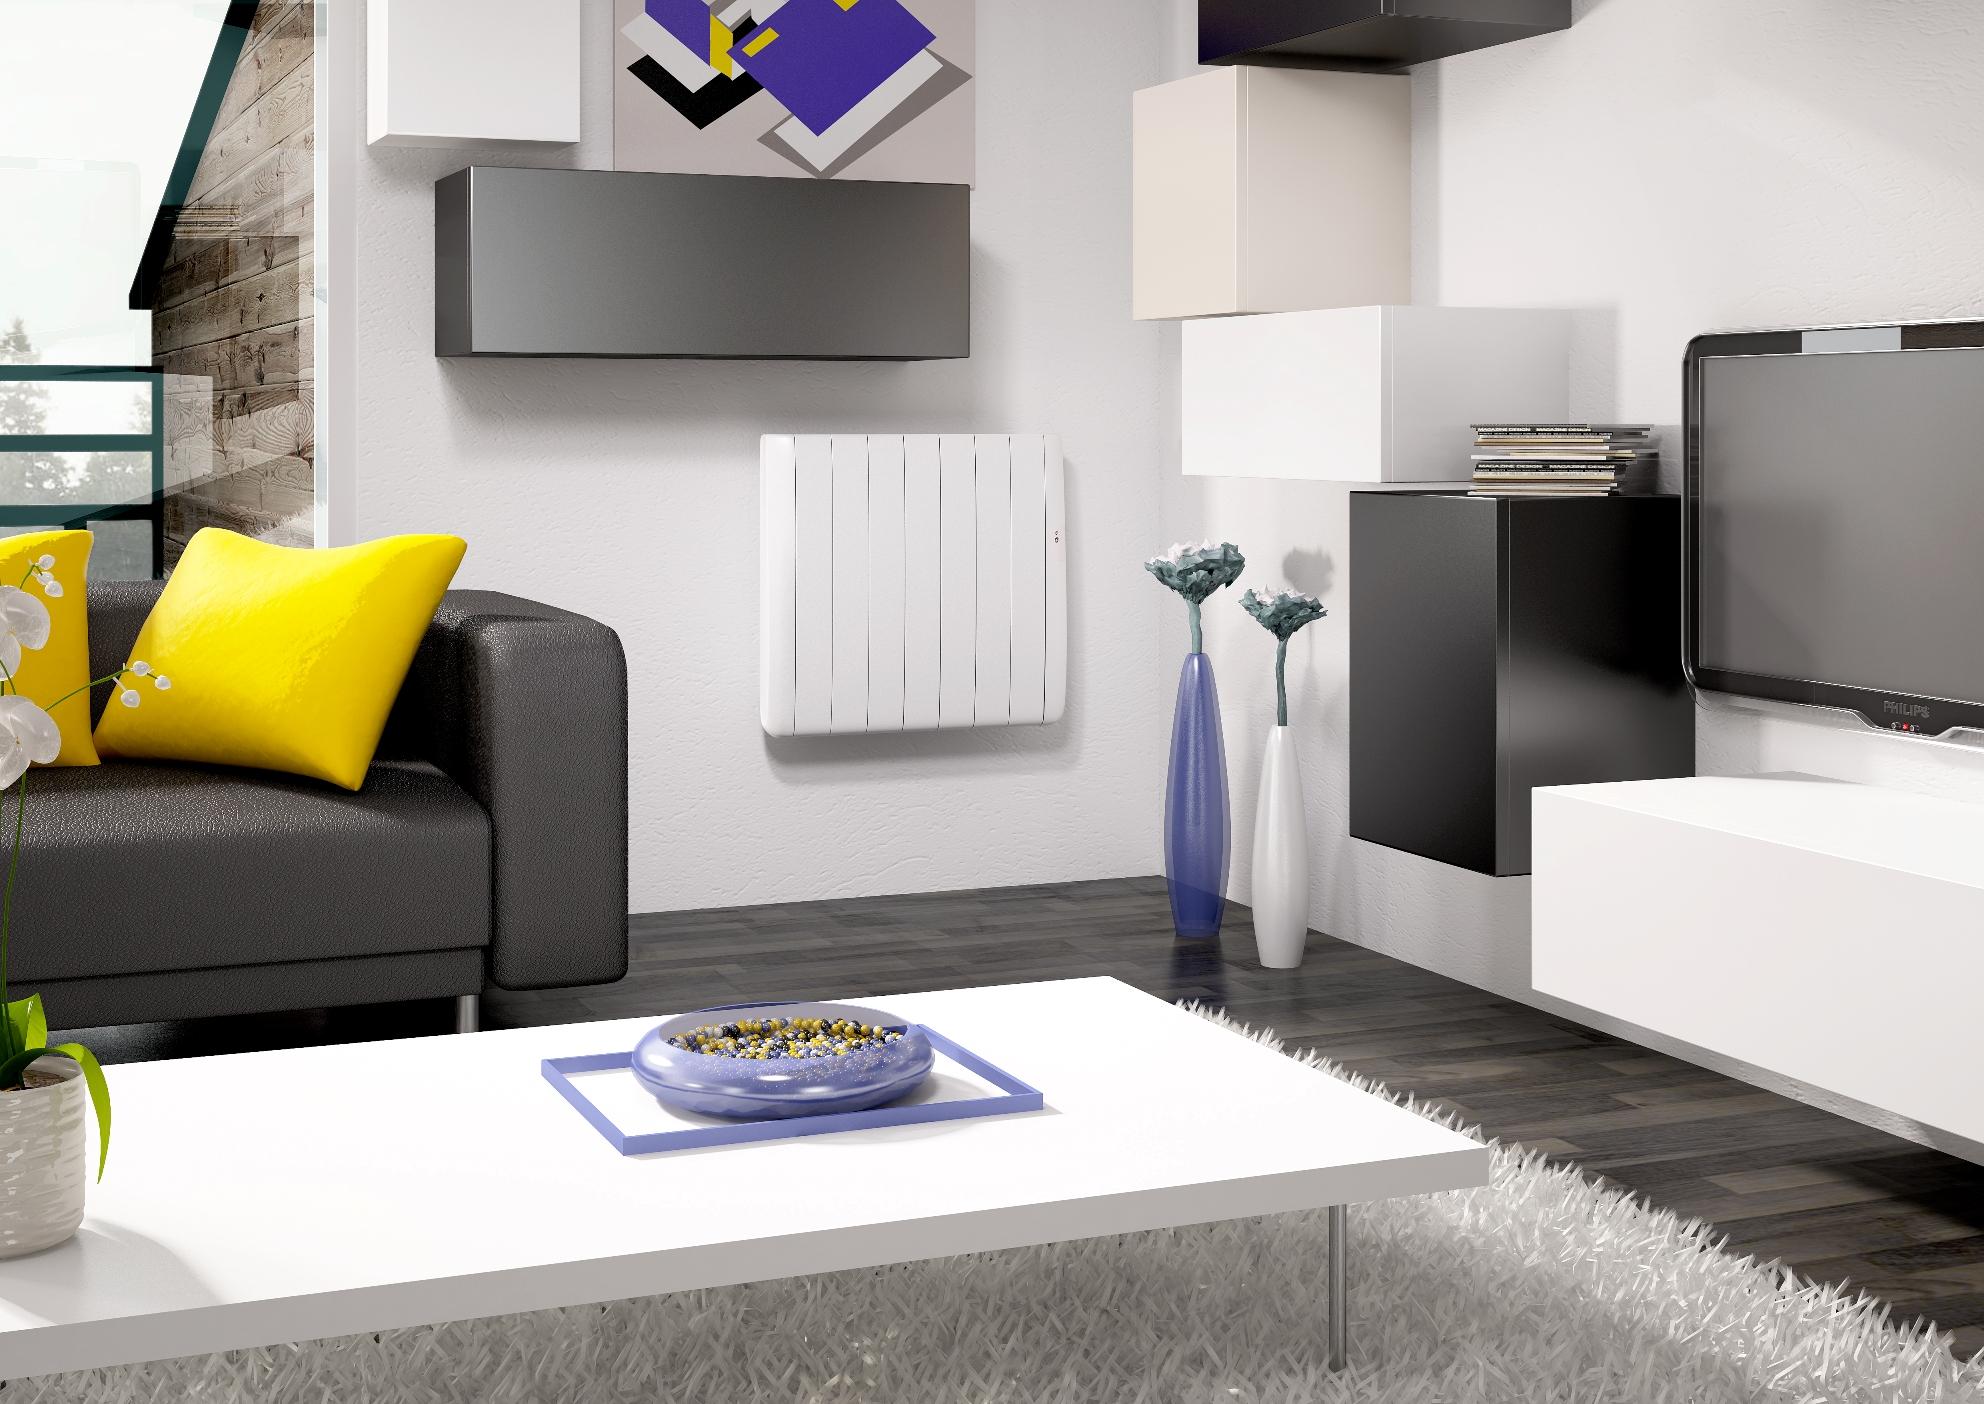 radiateur forlane chaleur douce et conomies d 39 nergie. Black Bedroom Furniture Sets. Home Design Ideas